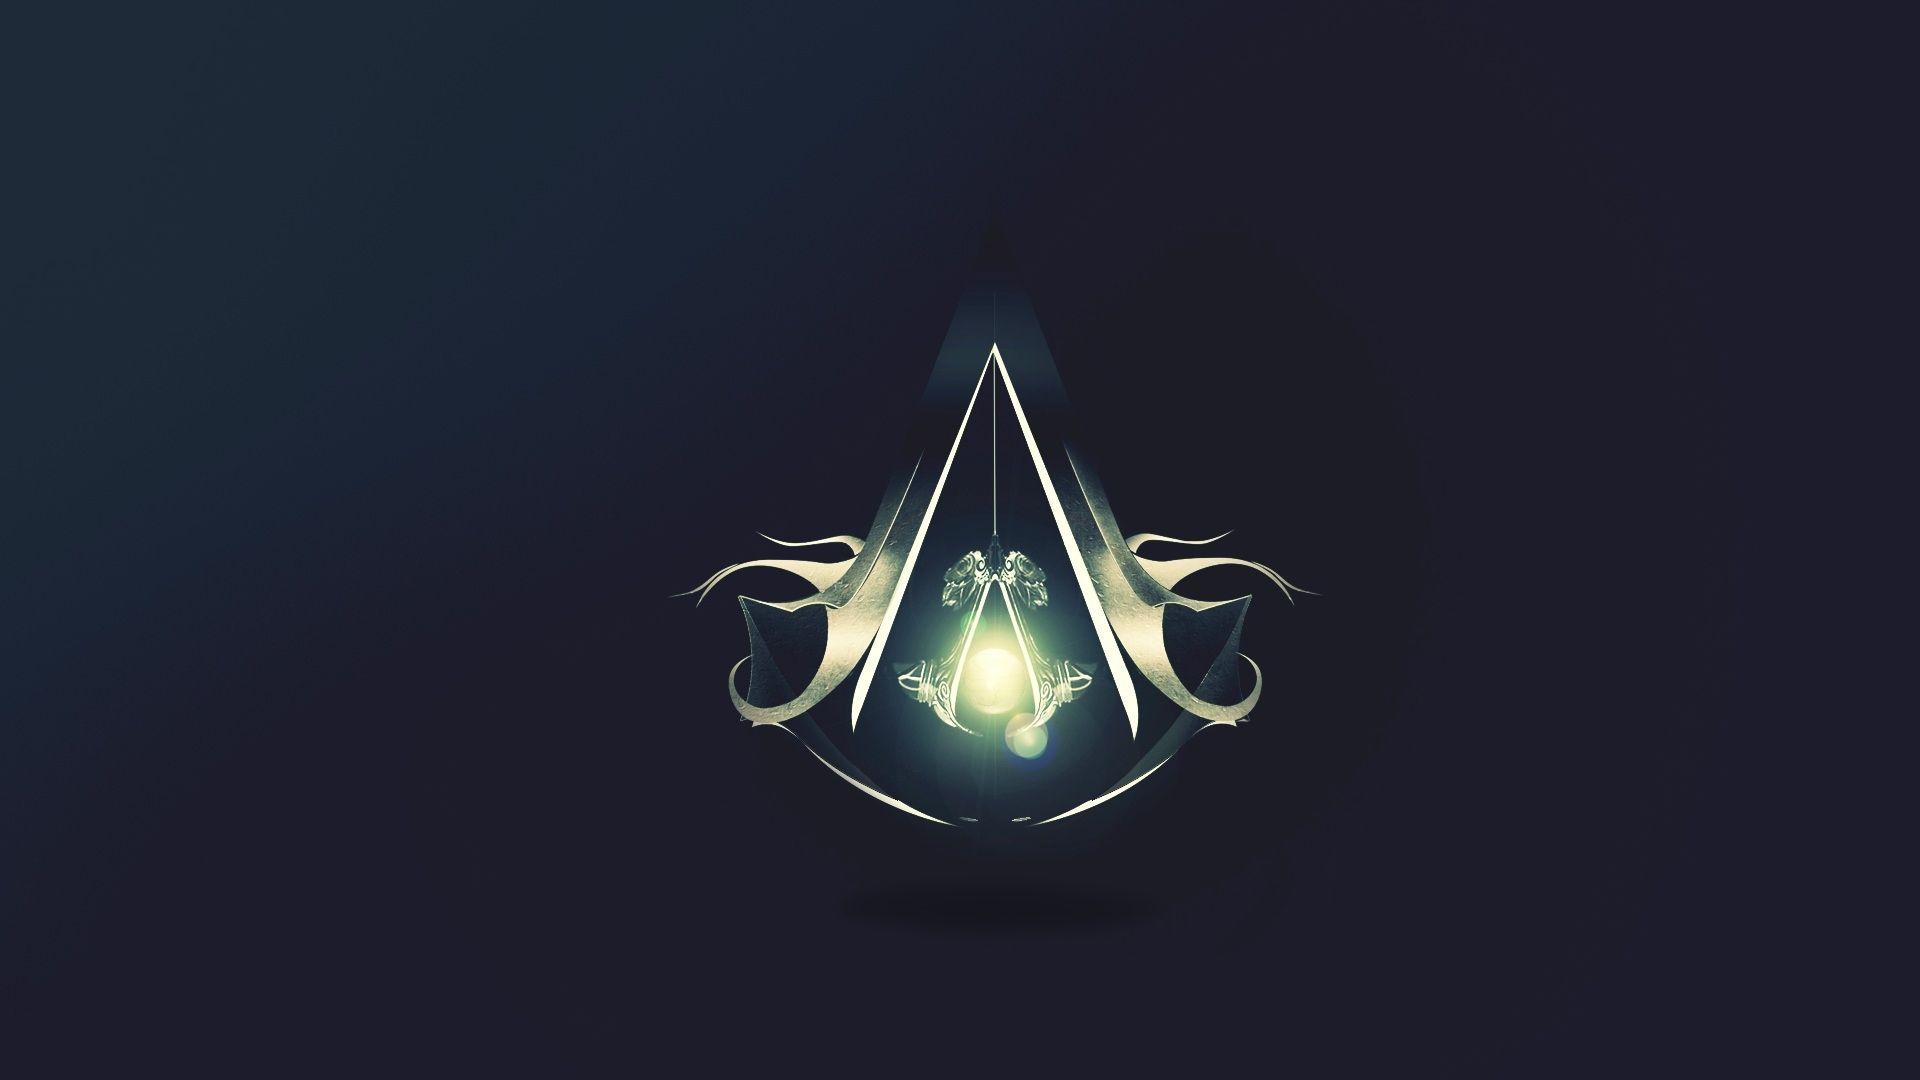 assassins creed wallpaper hd p | wallpapers for desktop | pinterest